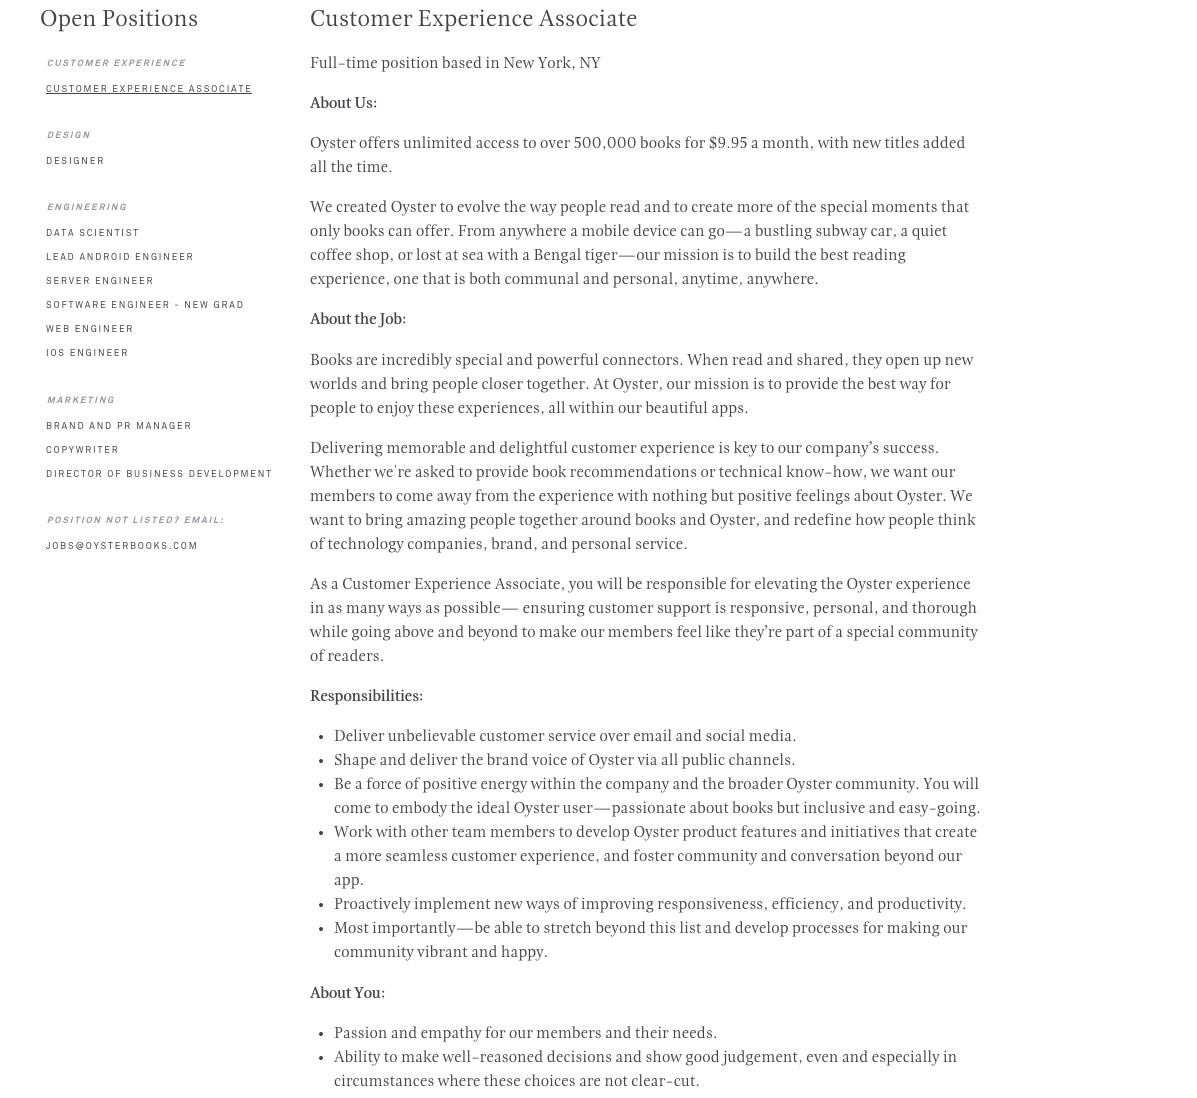 CX Job Description.png